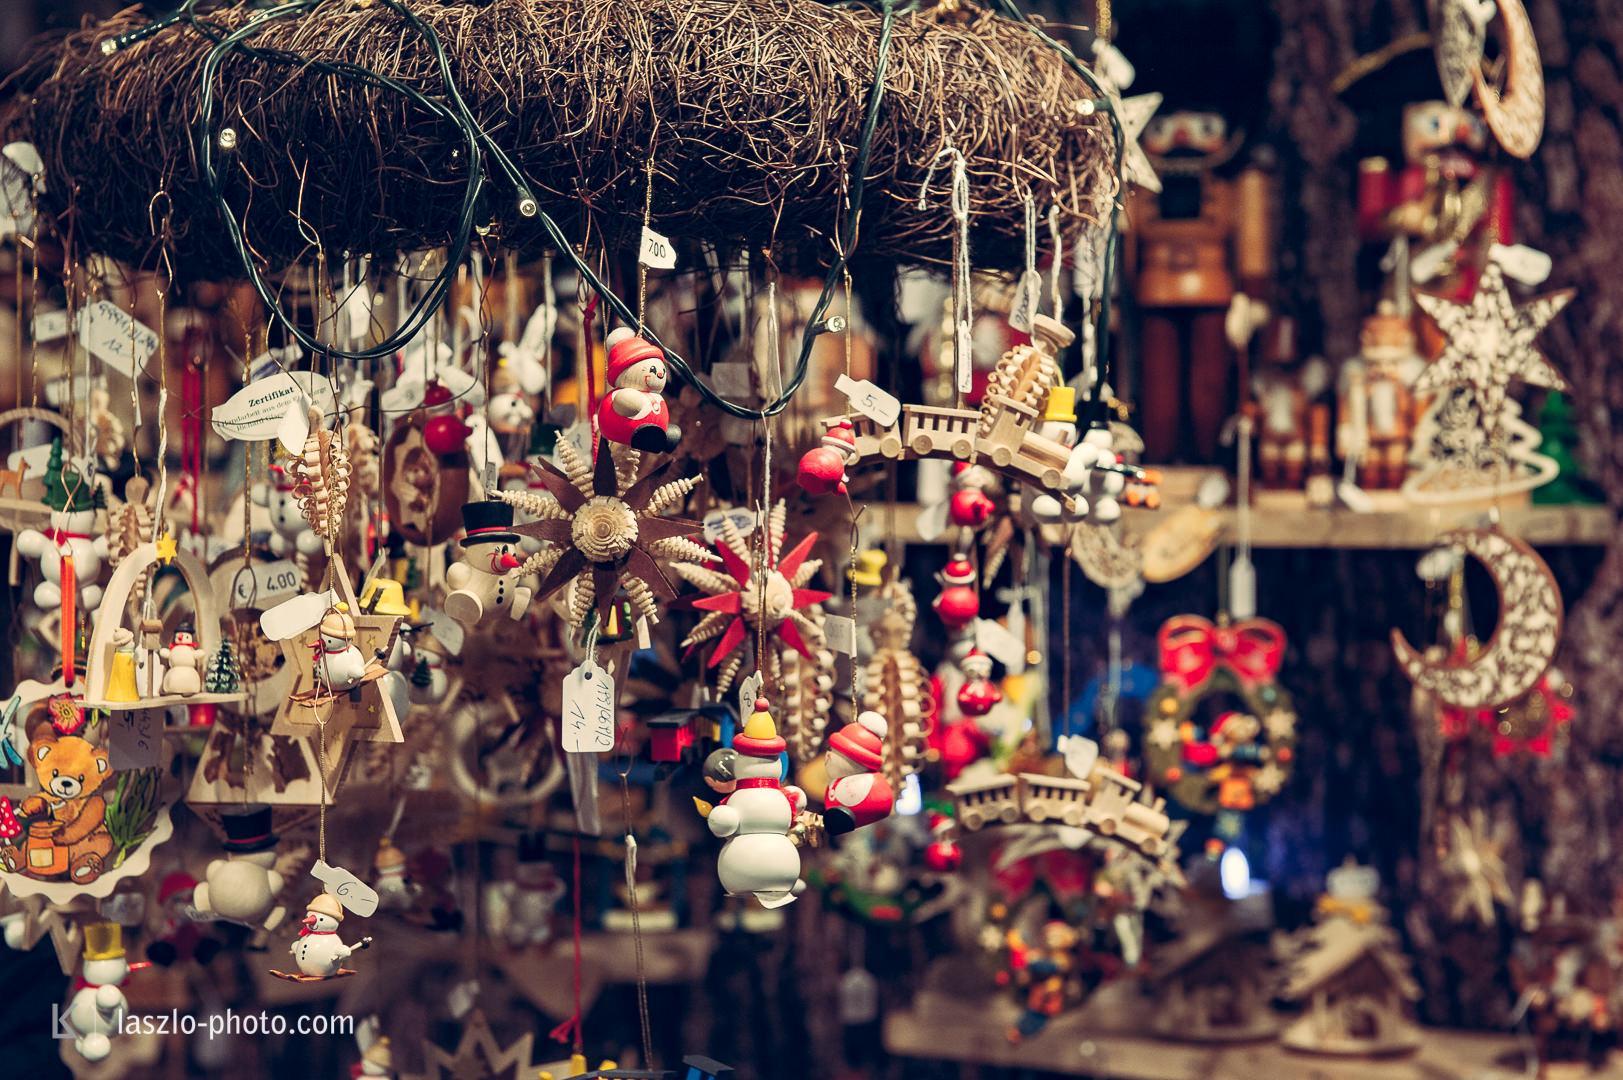 20161209_Weihnachten_Christkindlmarkt-4766